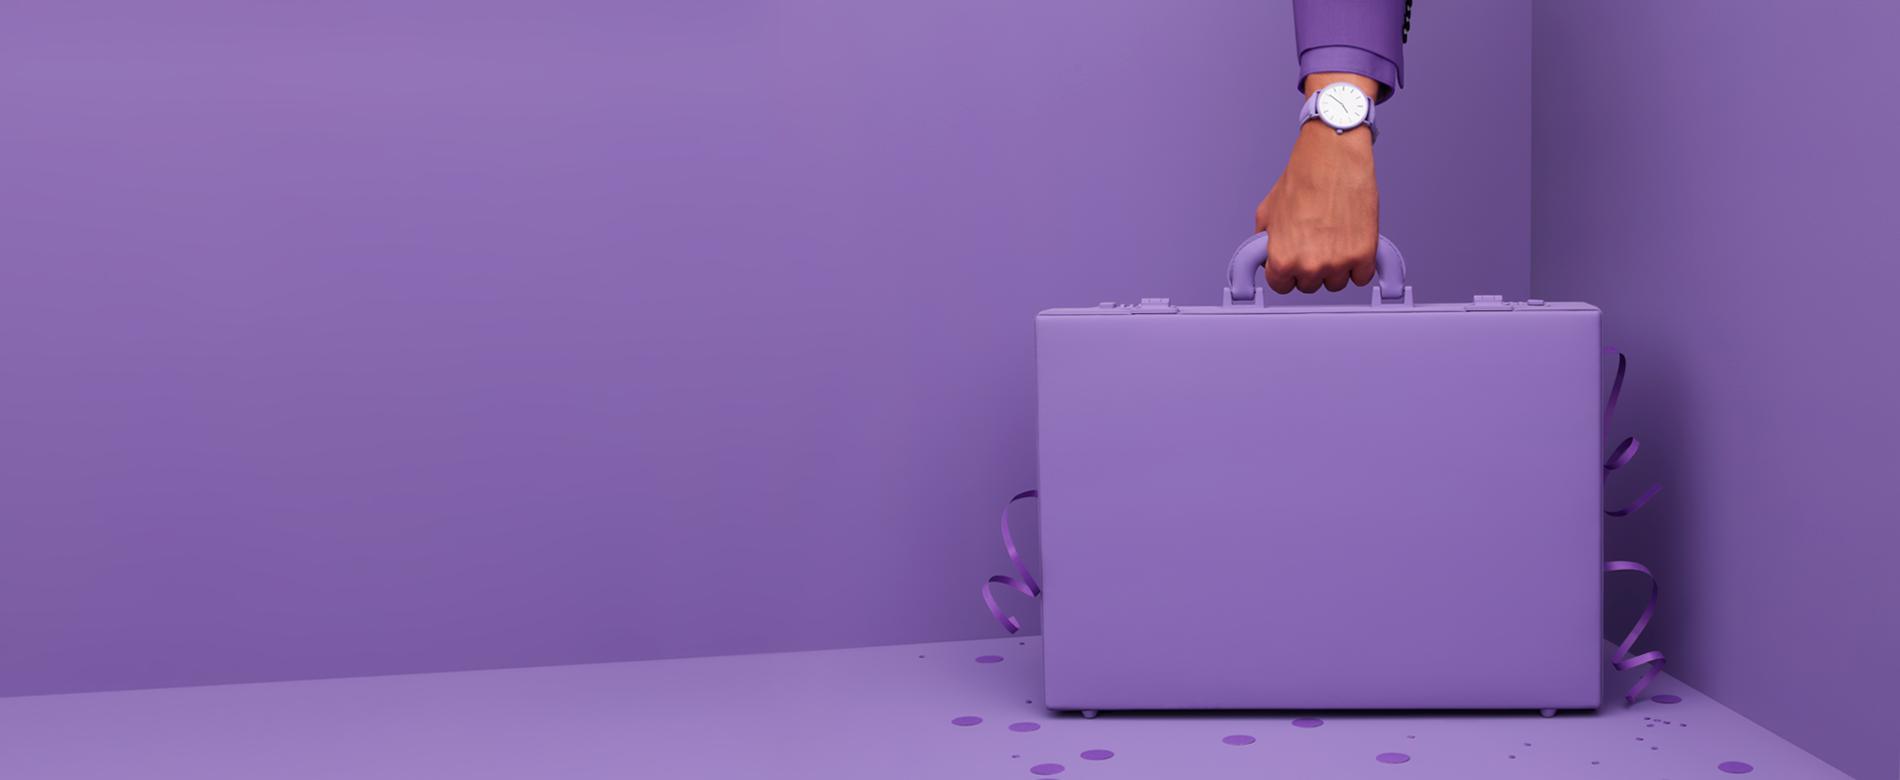 suitcase purple